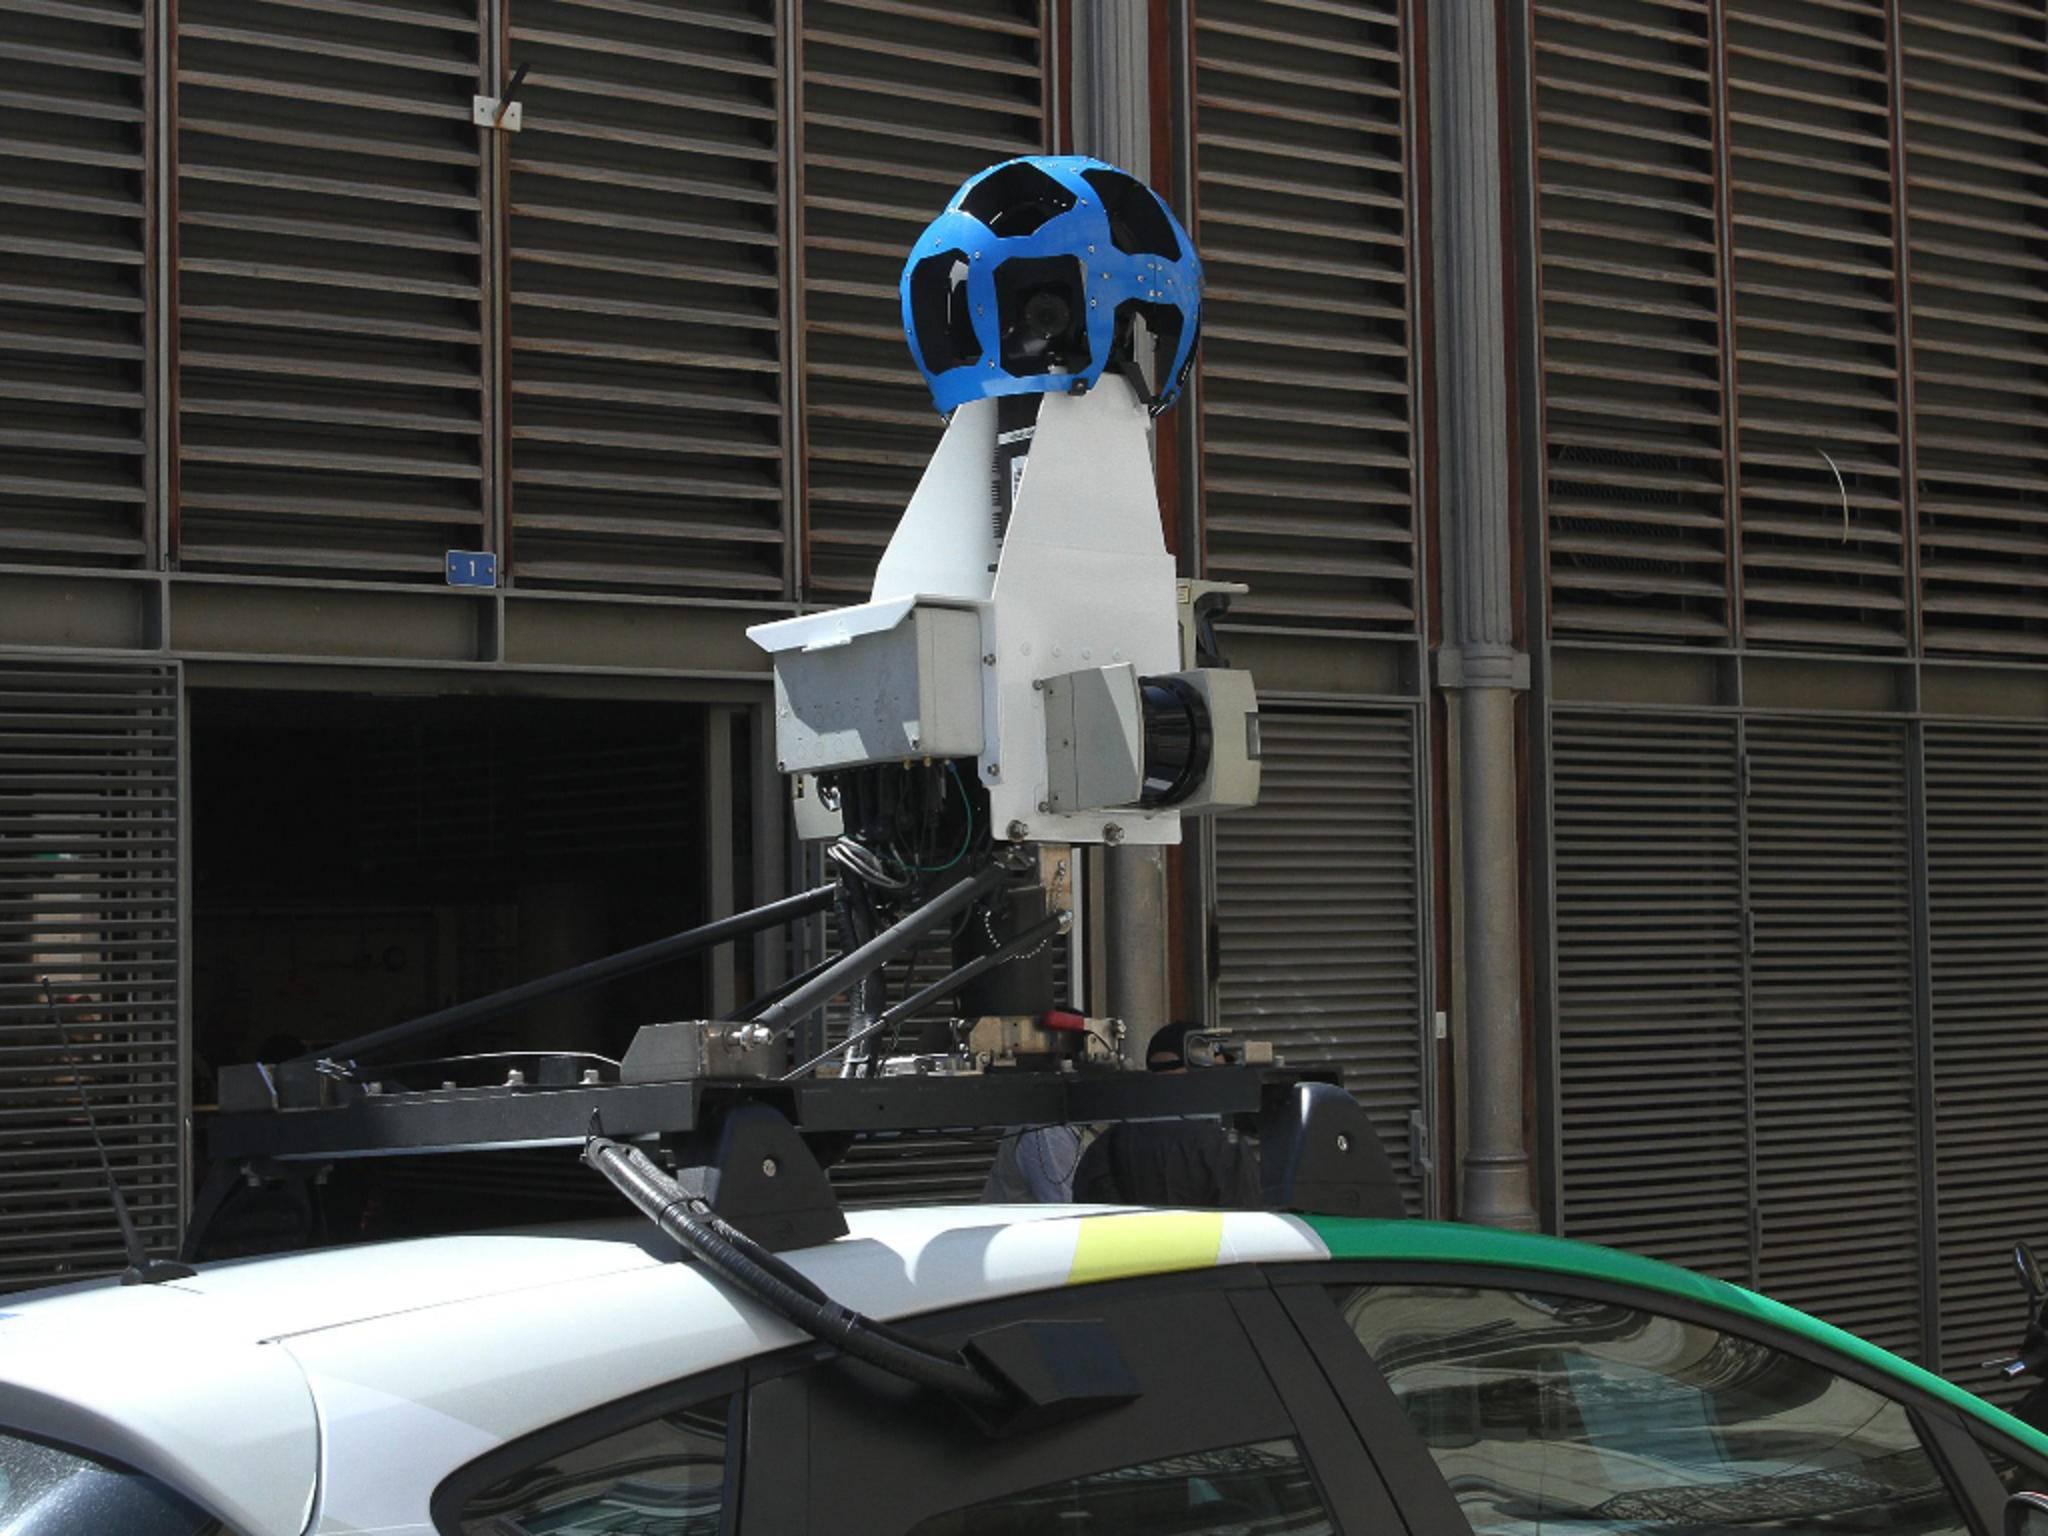 Plant Apple einen ähnlichen Dienst wie Google Street View?